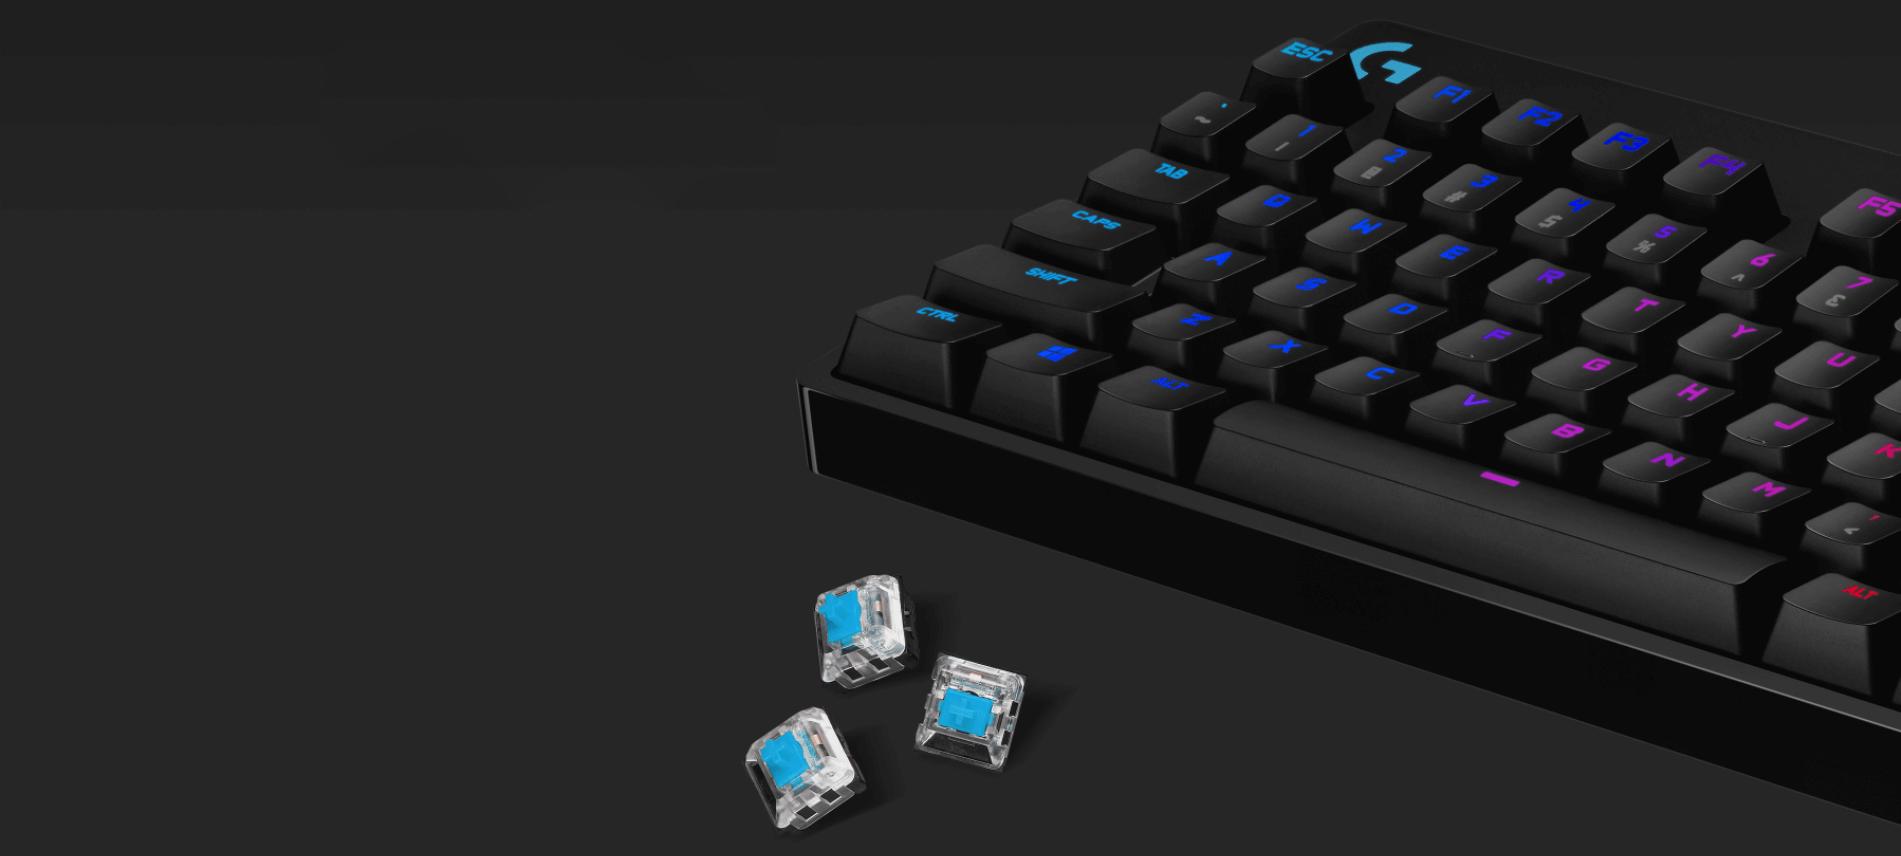 Bộ switch cho G Pro X Keyboard - GX Brown Tactile RGB switch (943-000326) có số lượng 92 nút